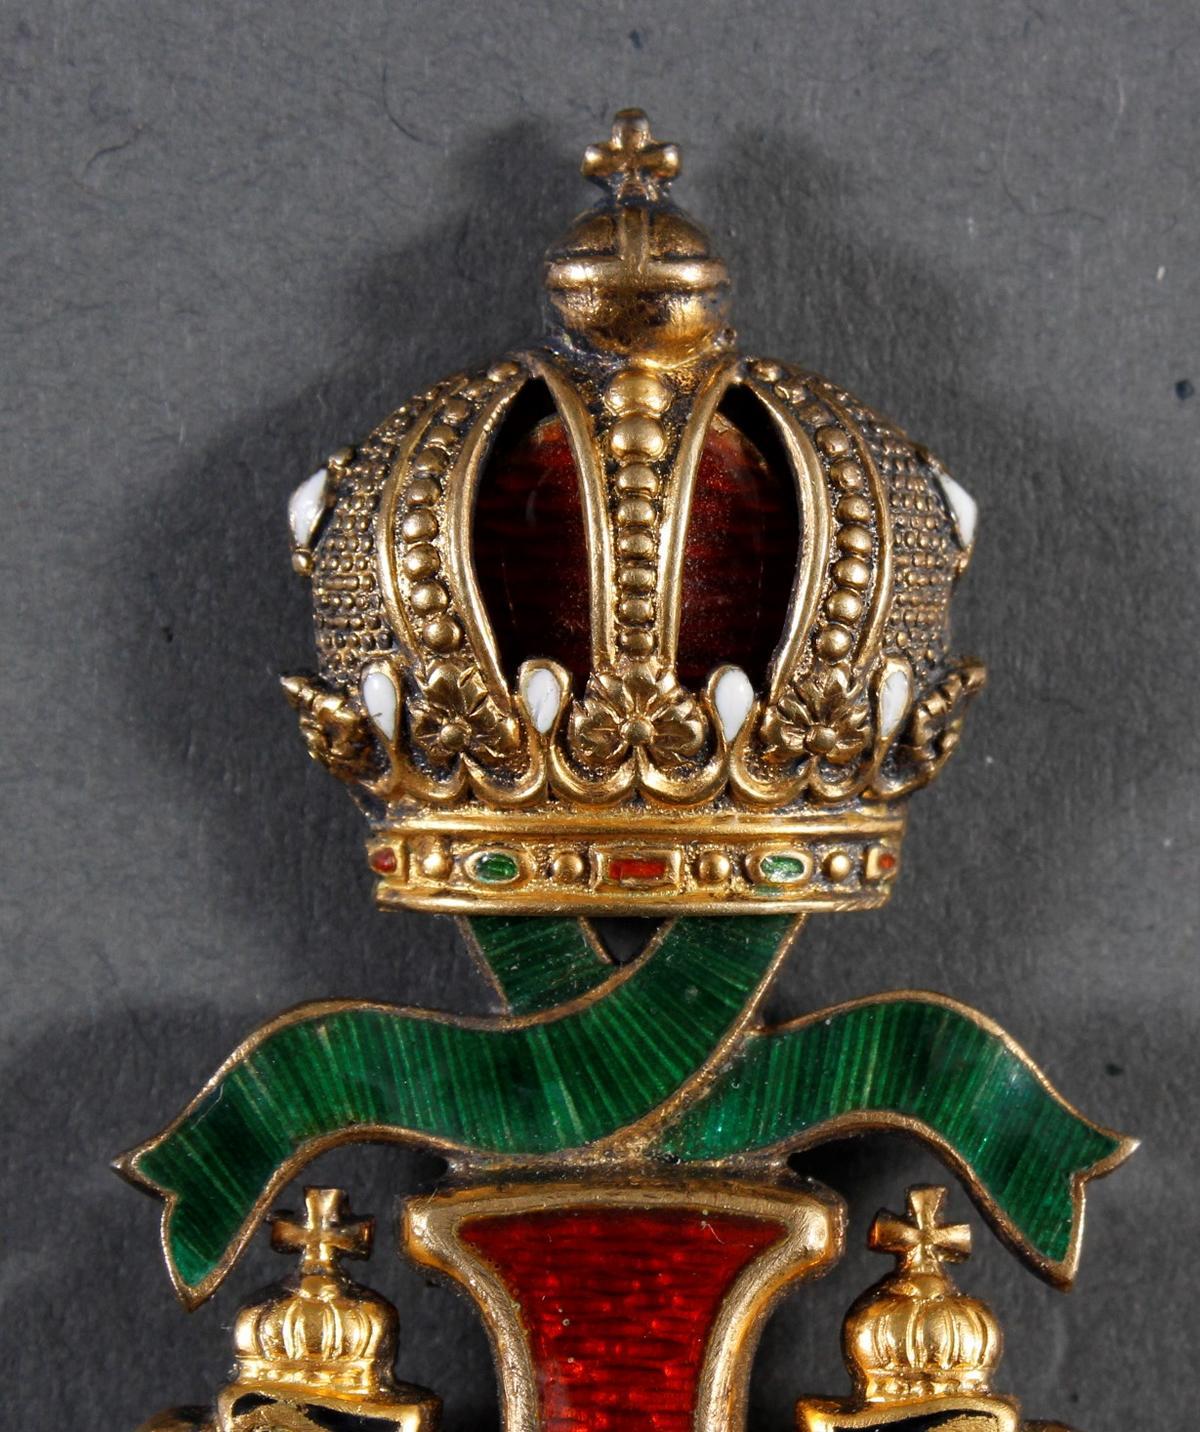 Franz Joseph-Orden, Offizierskreuz mit Kriegsdekoration (KD)-5